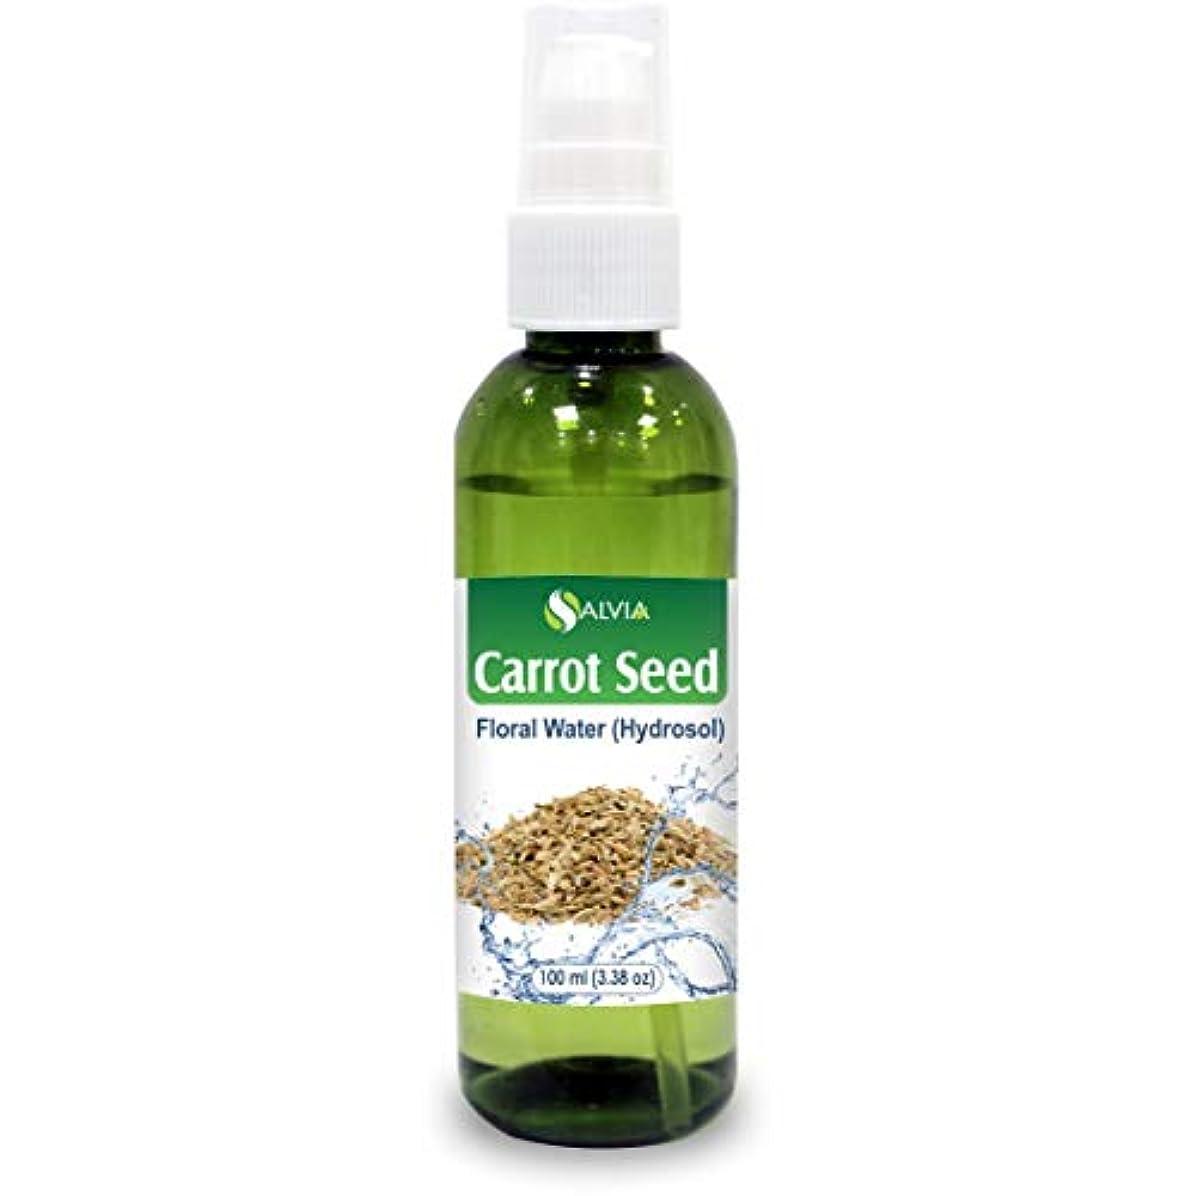 病的おとこ思想Carrot Seed Floral Water Floral Water 100ml (Hydrosol) 100% Pure And Natural